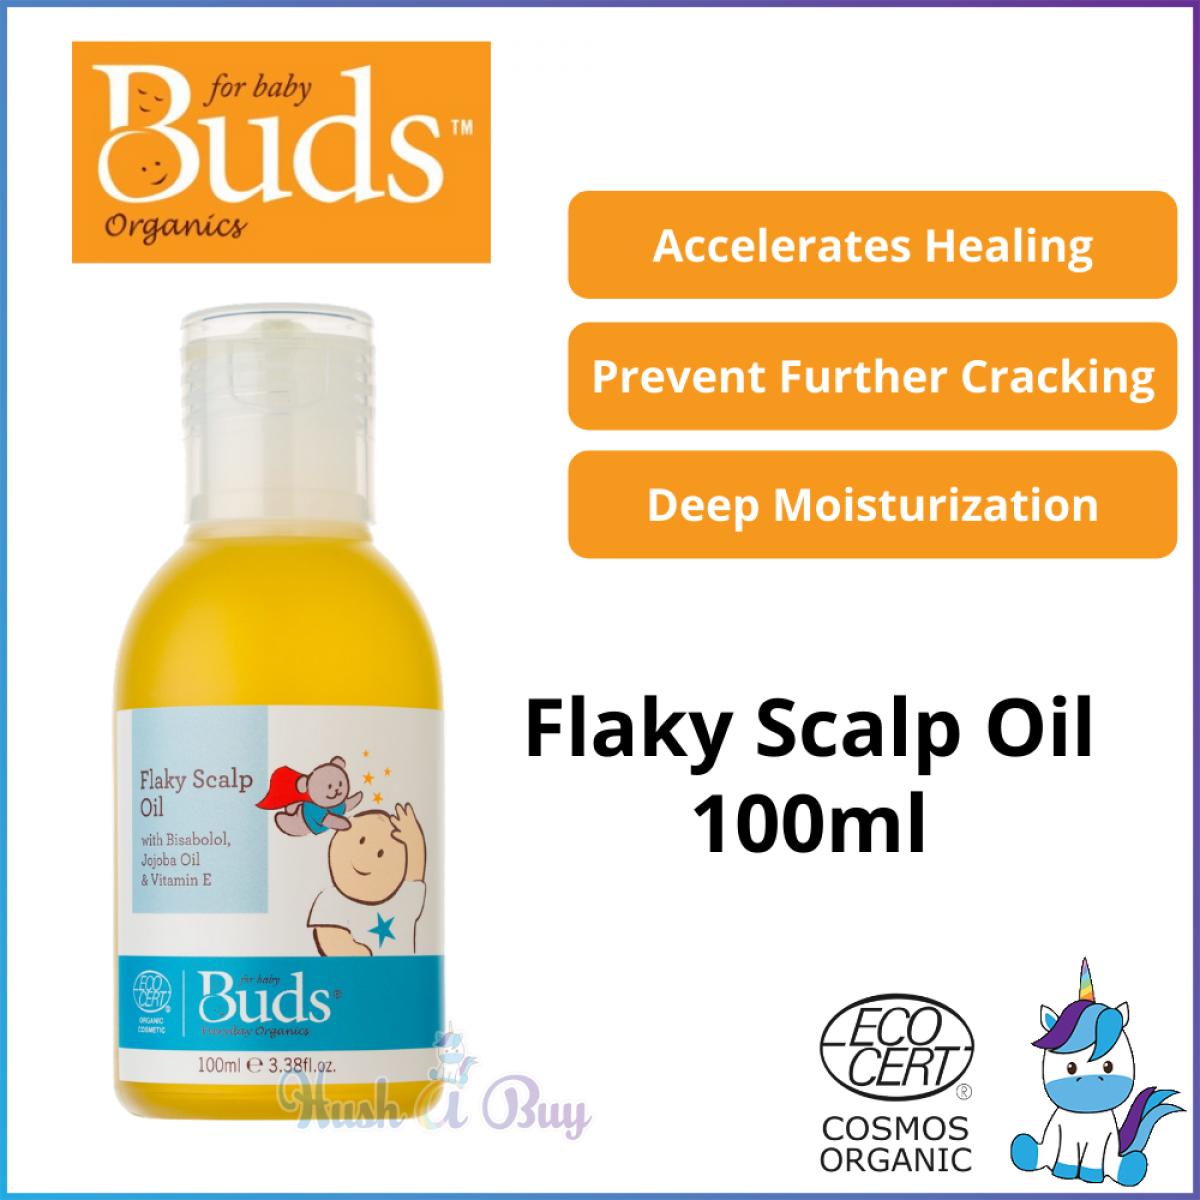 Buds Everyday Organic Flaky Scalp Oil 100ml - Baby Hair Oil